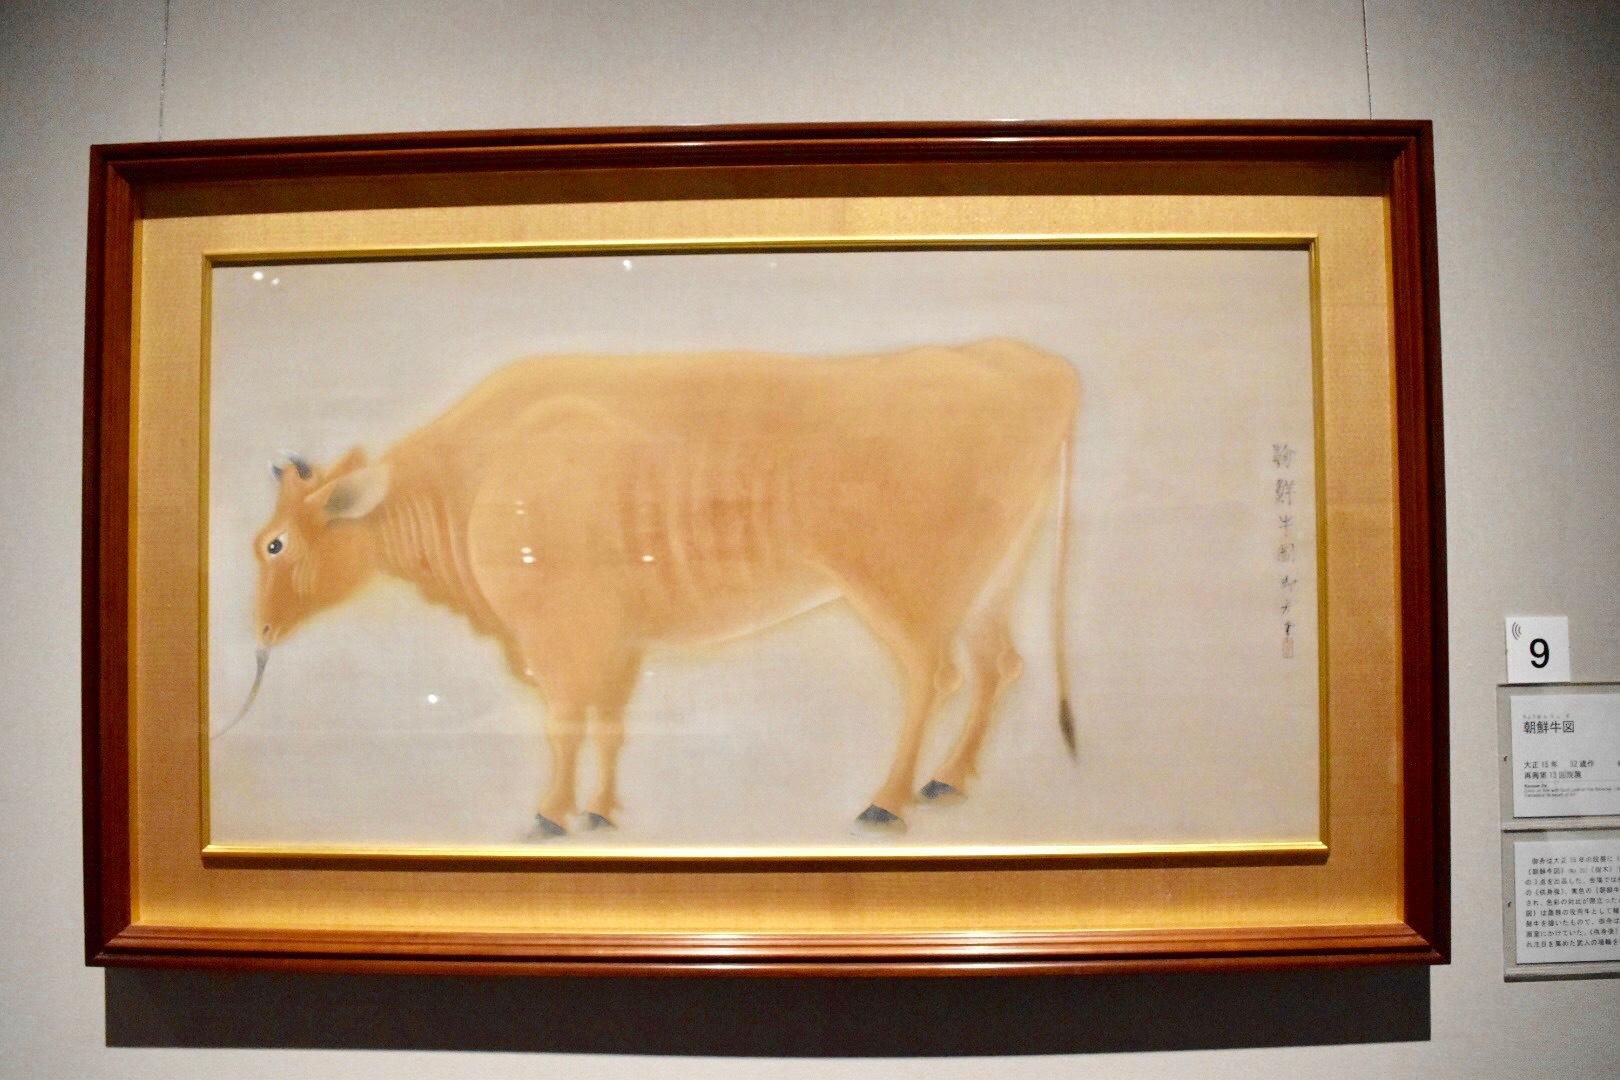 速水御舟 《朝鮮牛図》 大正15年 山種美術館蔵